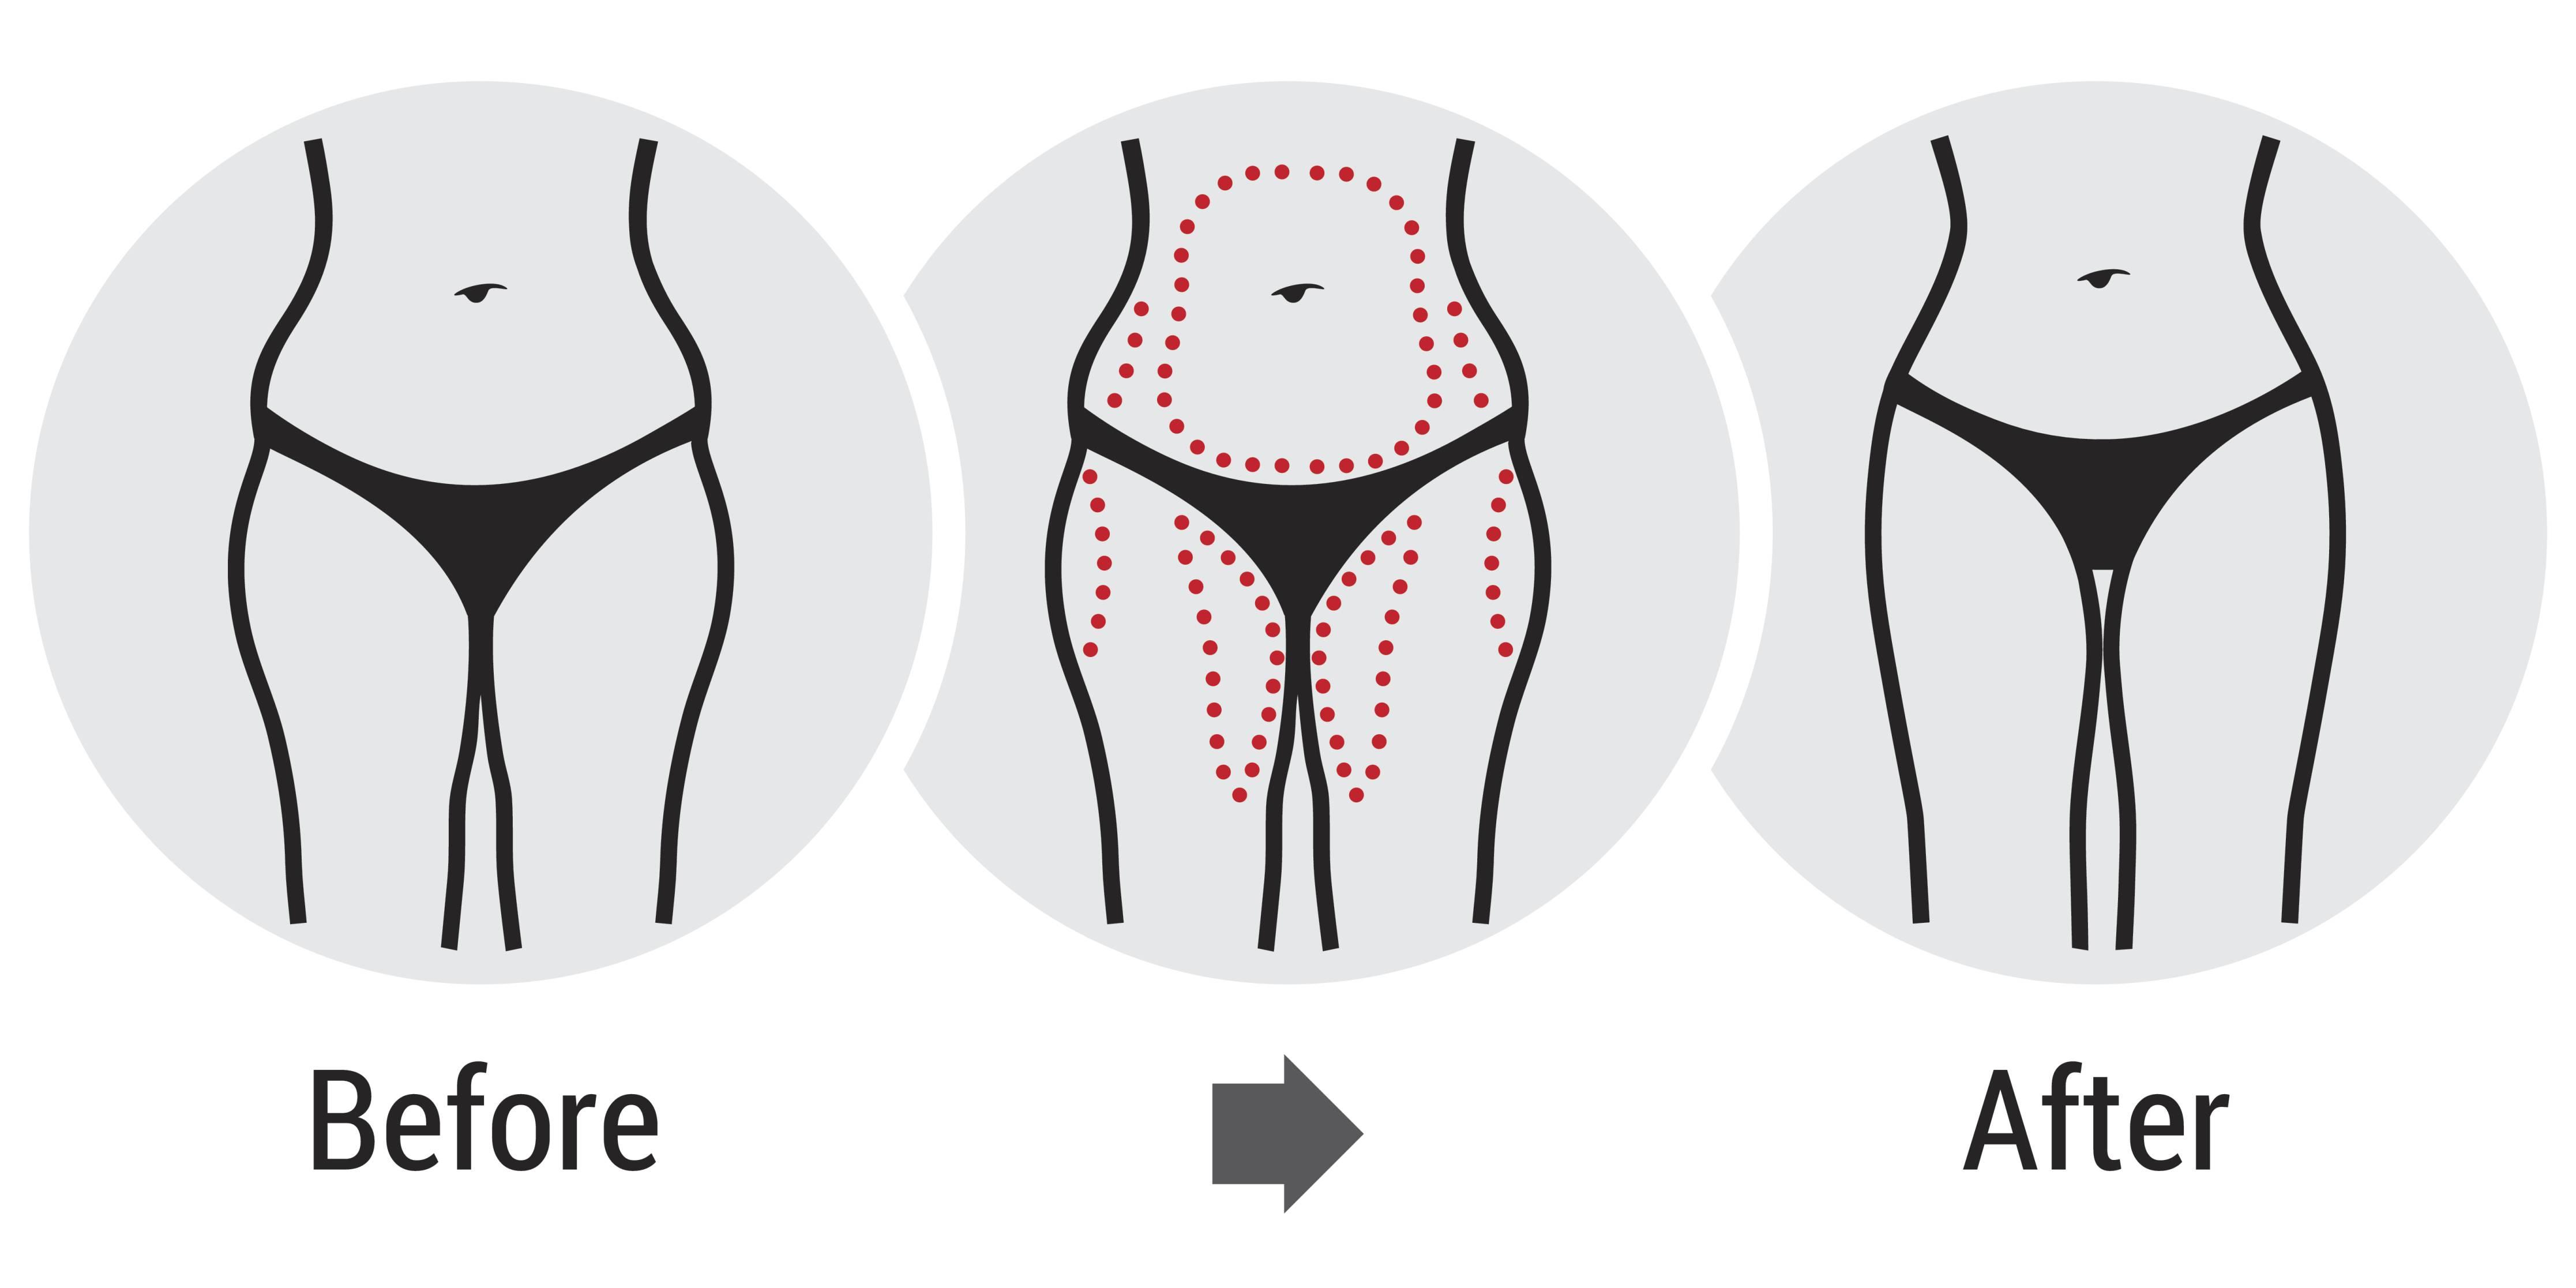 i migliori rimedi per perdere peso